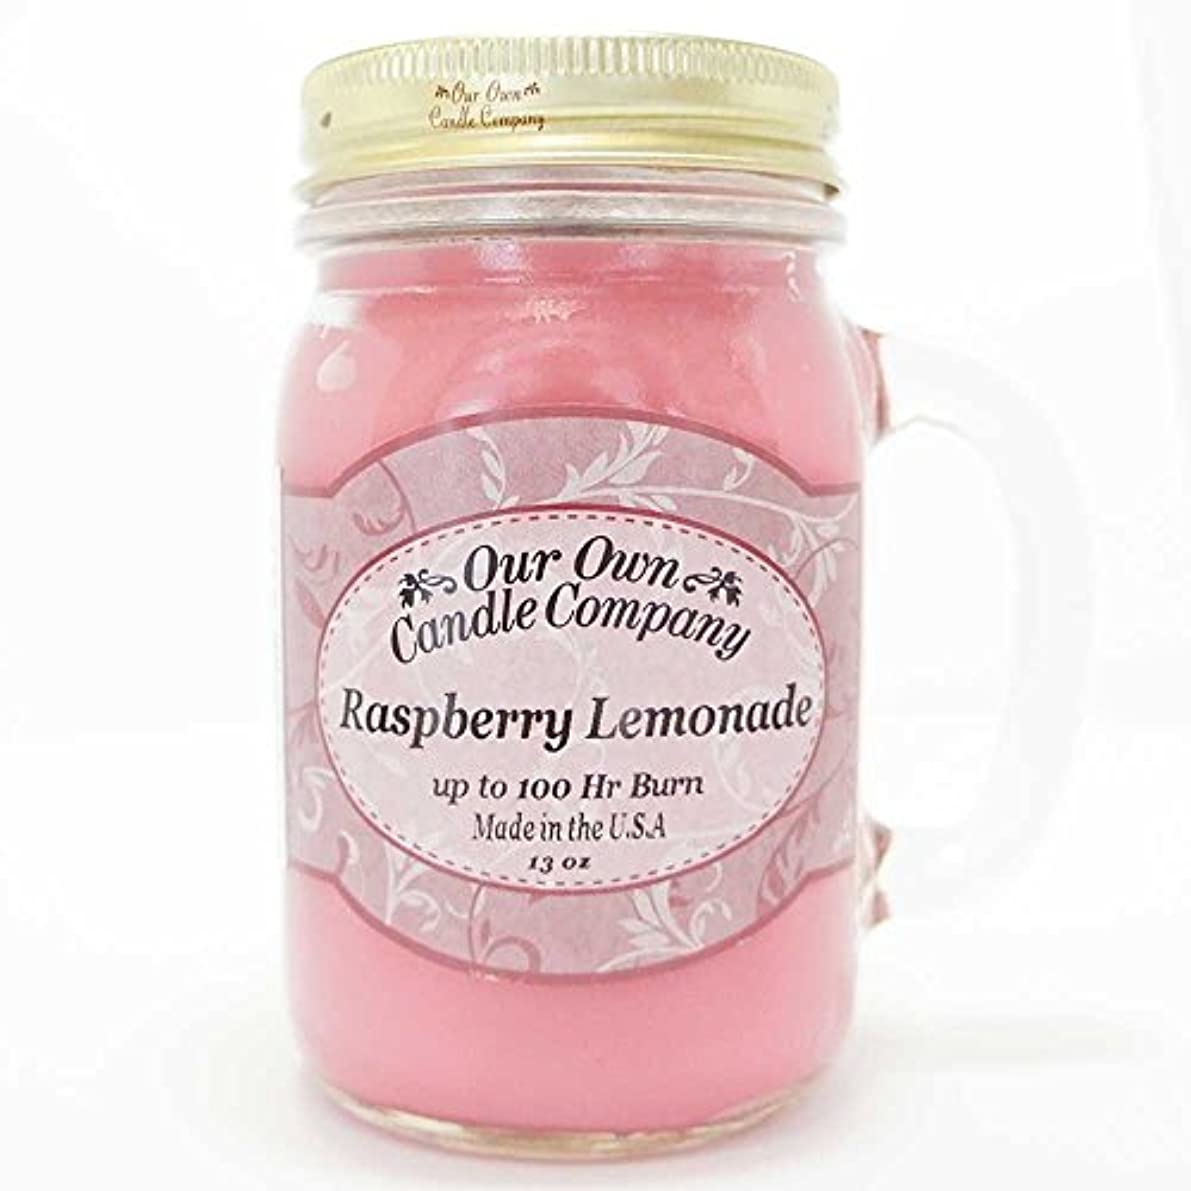 立場保守的腸Our Own Candle Company メイソンジャーキャンドル ラージサイズ ラズベリーレモネード OU100096